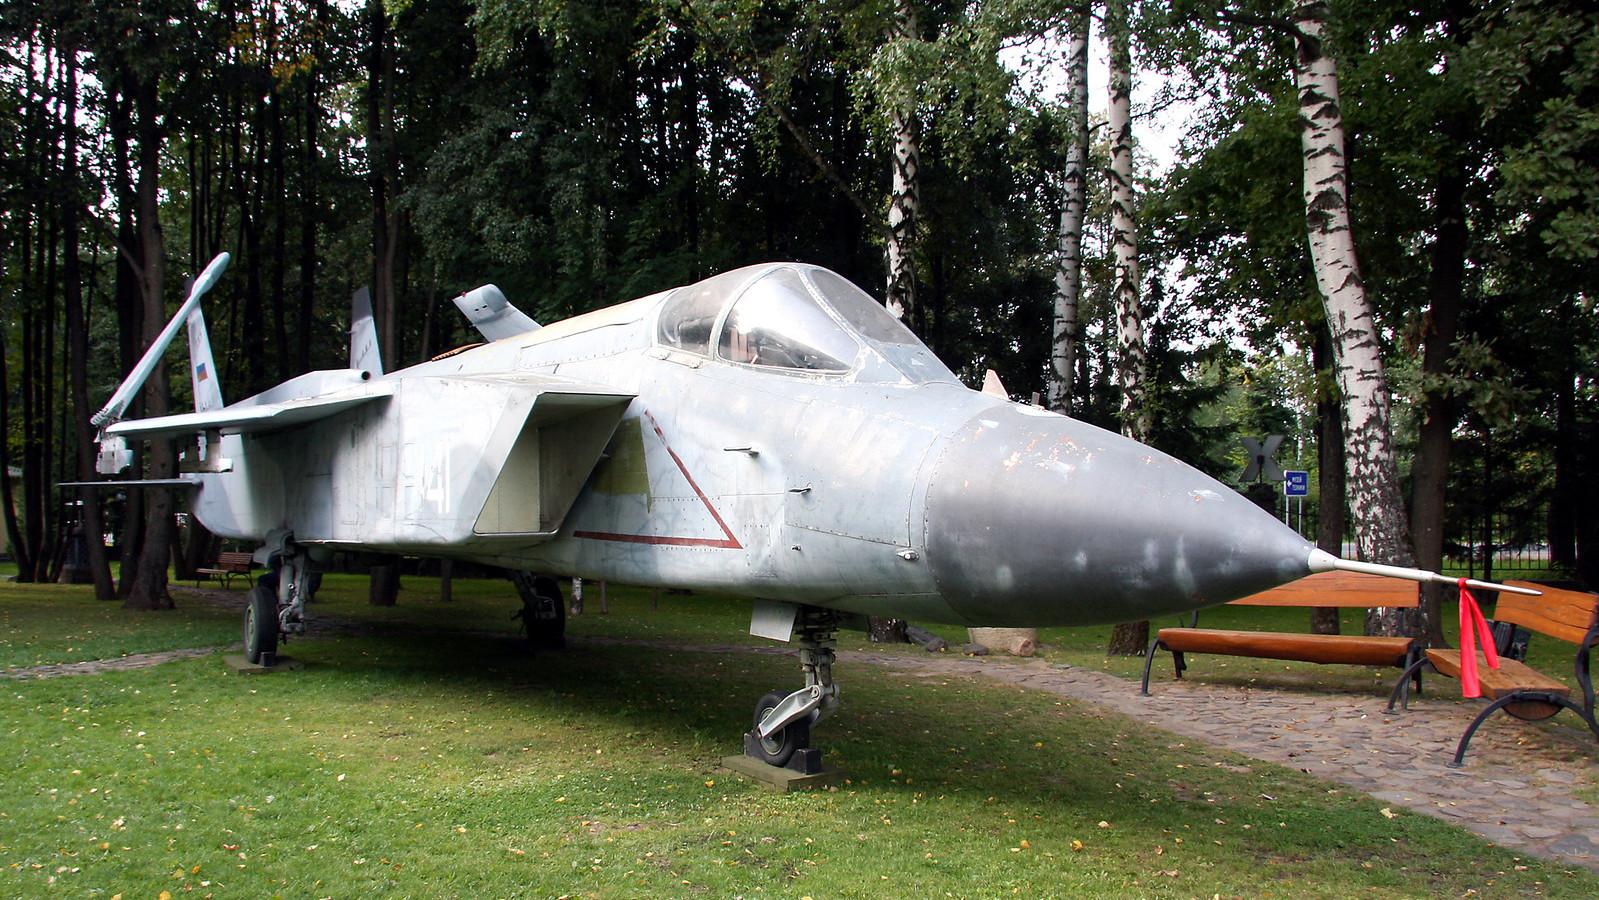 Yak-141 en el Museo de Vehículos de Vadim Zadorozhni en 2009.